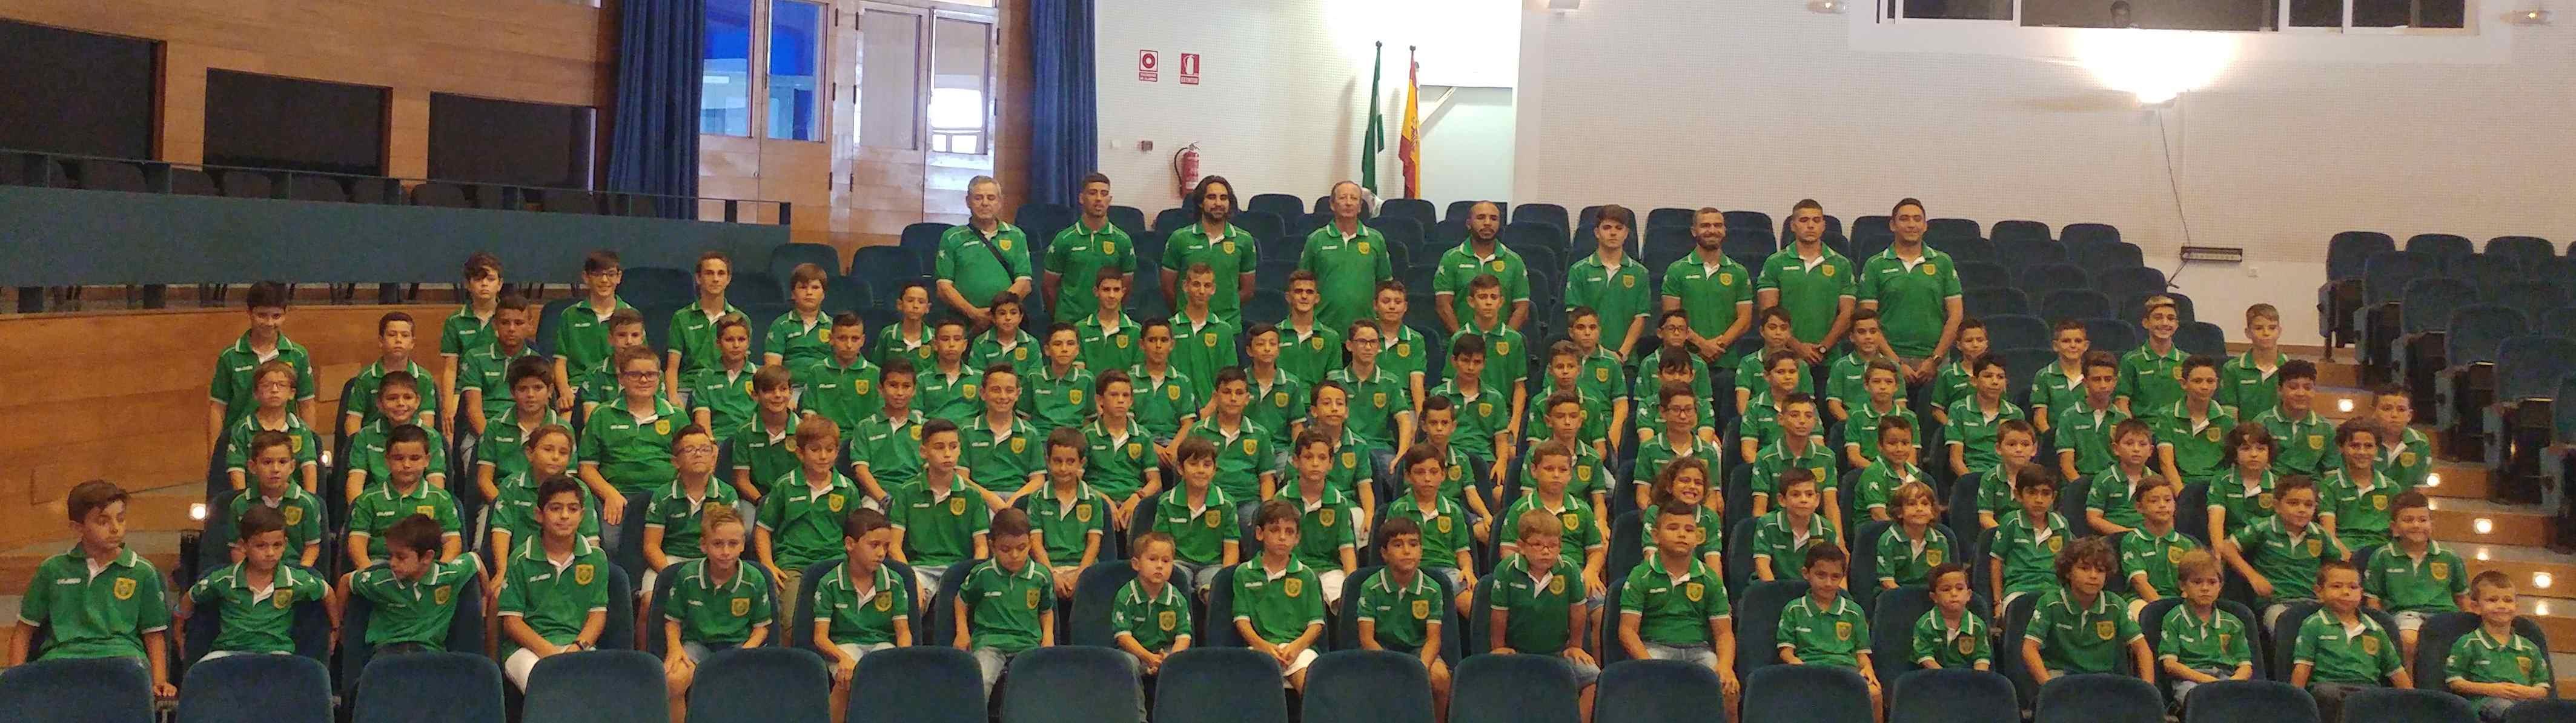 Gala Clausura temporada CD Verdeluz 19-06-2019